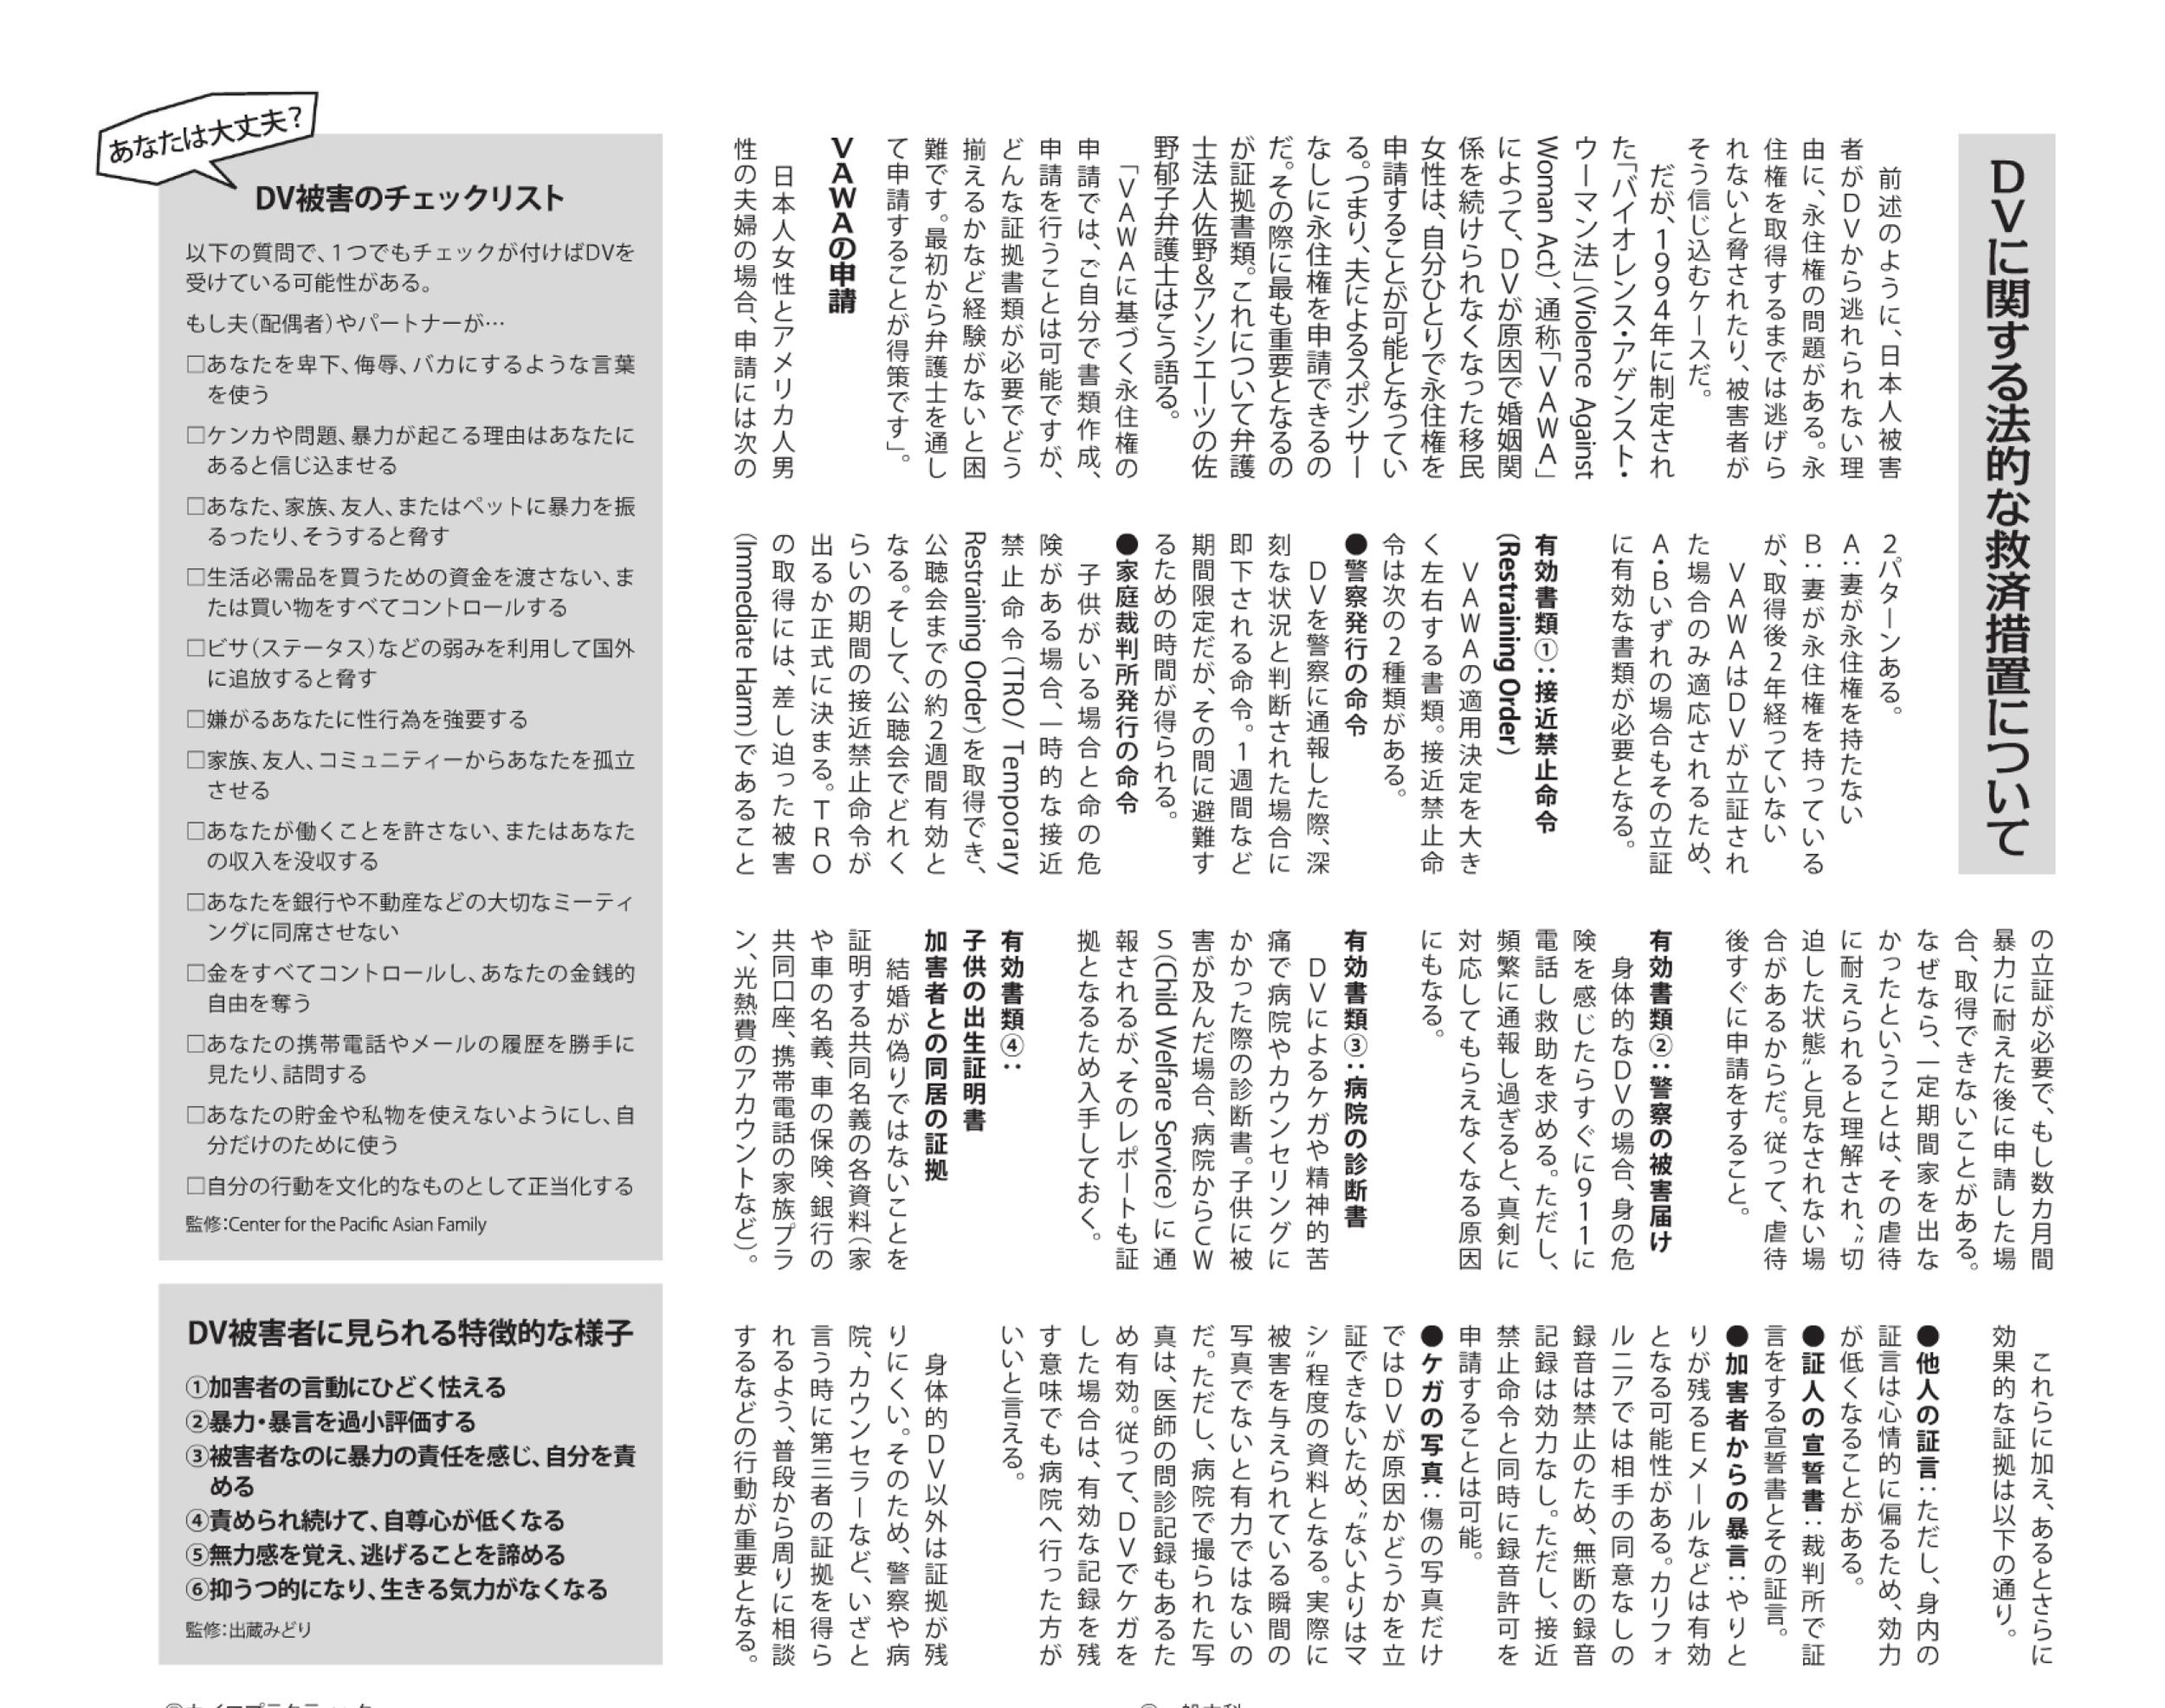 Lighthouse LA 10-01-2013 Page-1-5.jpg